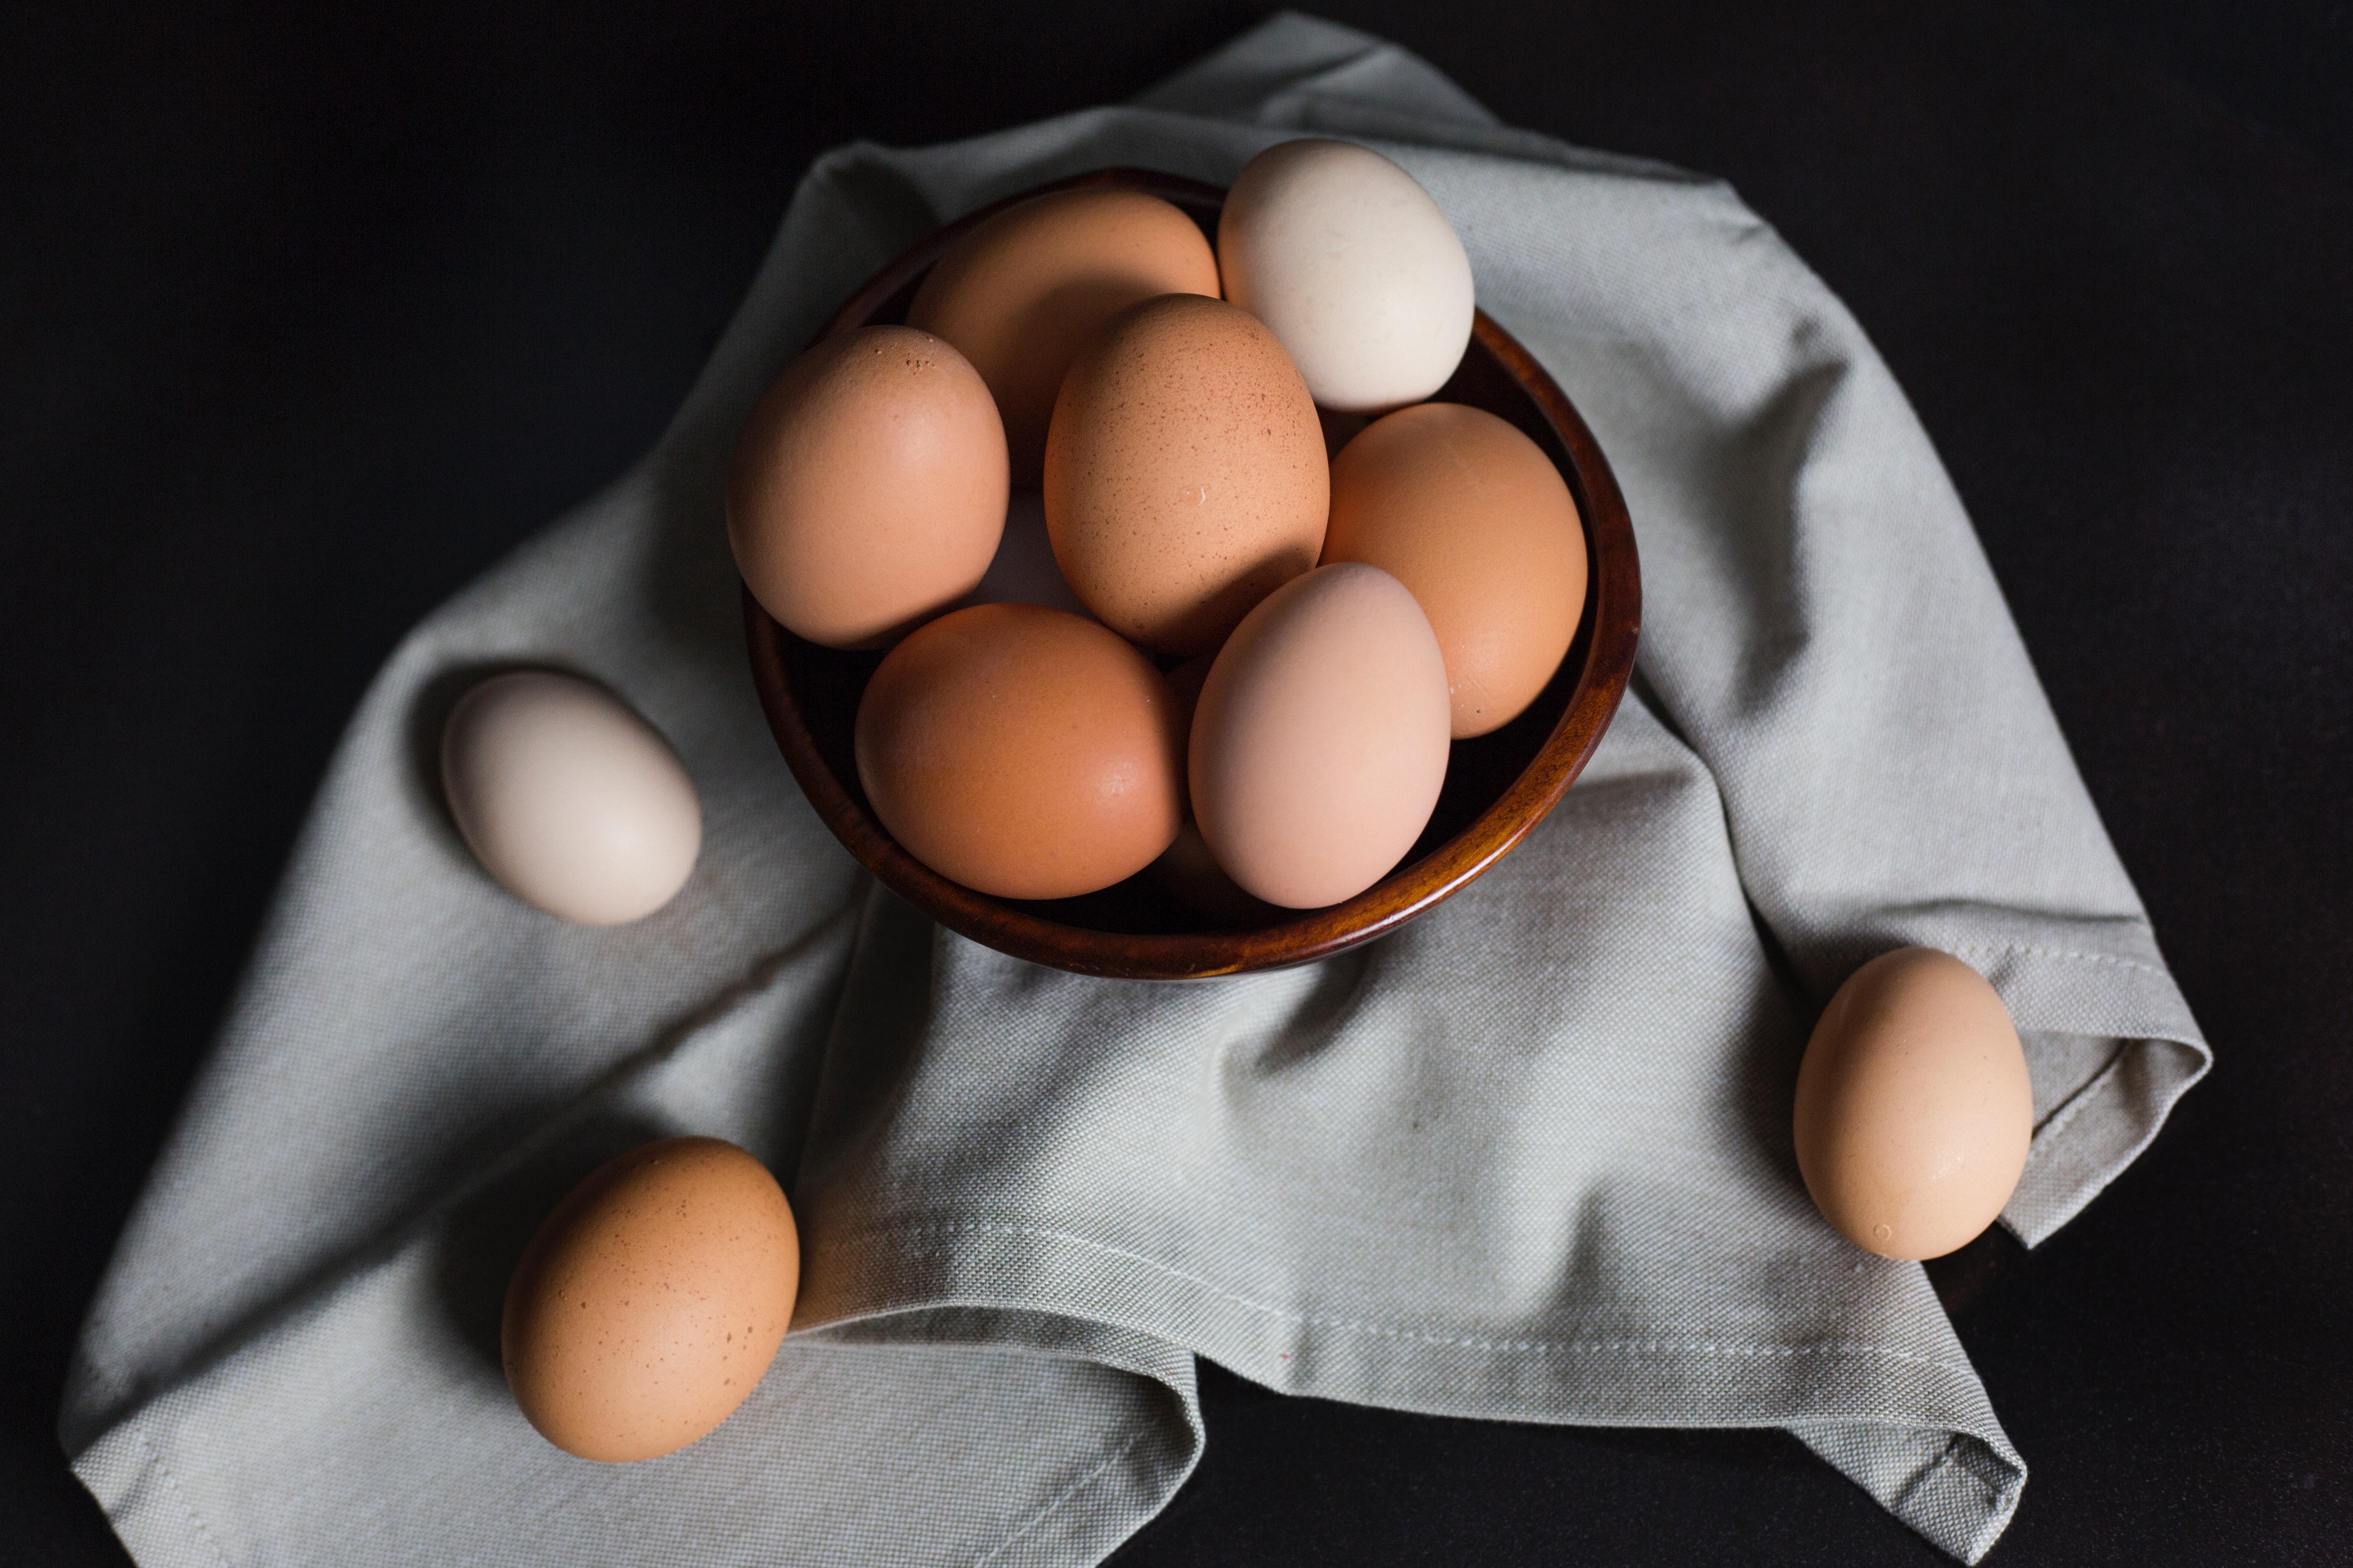 Fall Egg Share